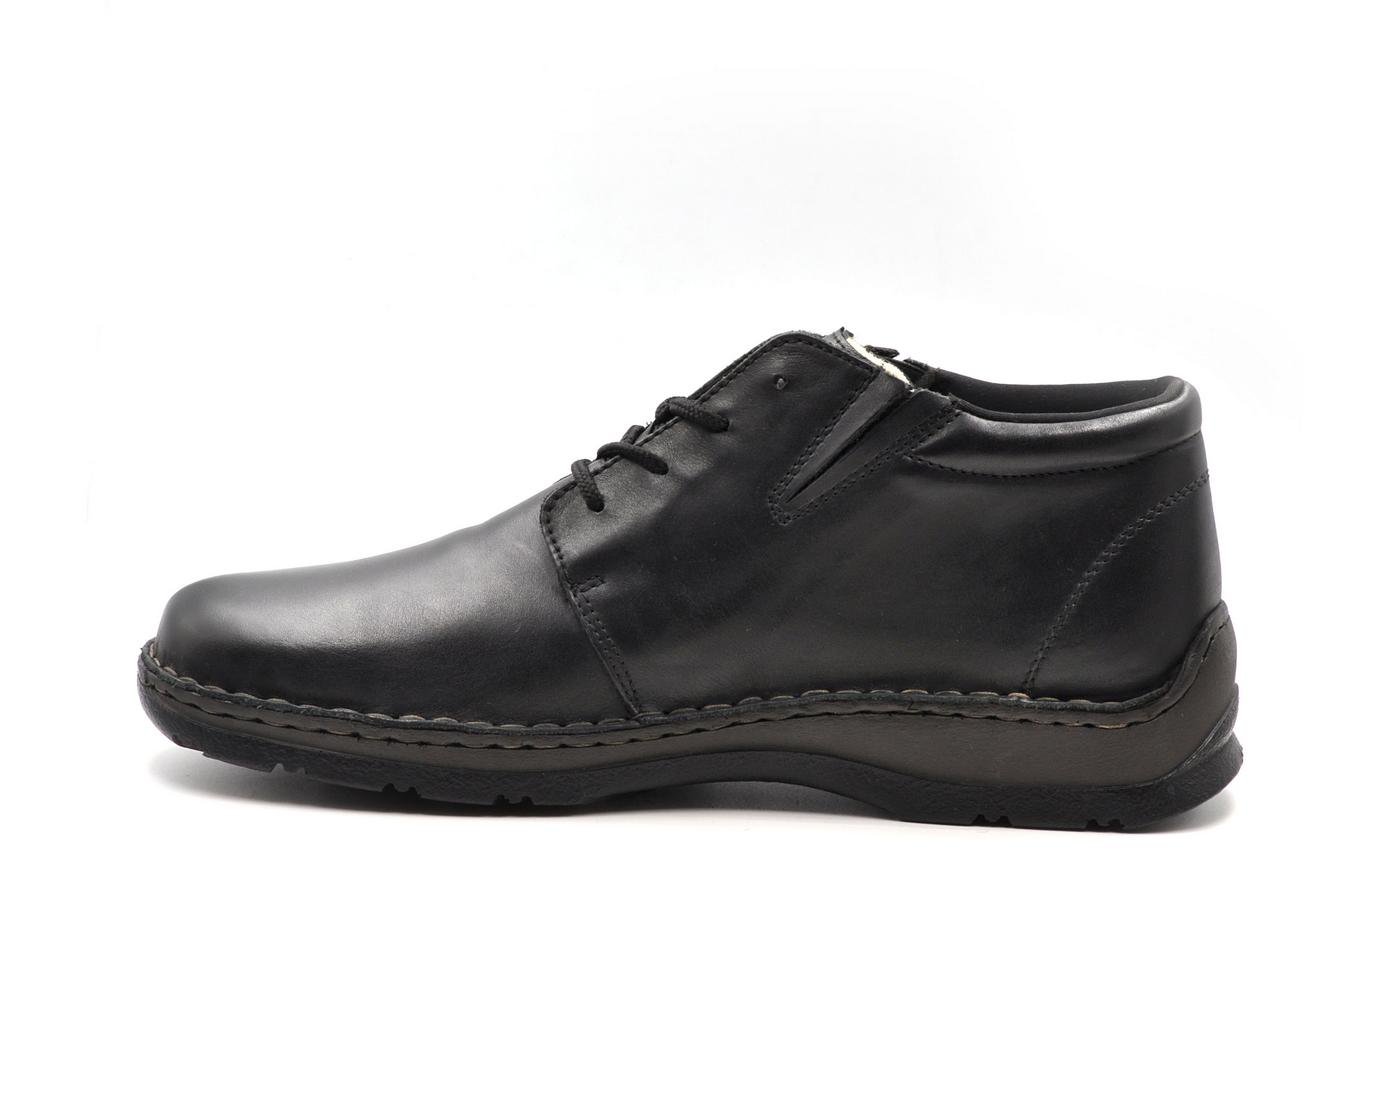 Ανδρικό μποτάκι μαύρο 05333 - tatogloushoes.gr 992ba9e97b9